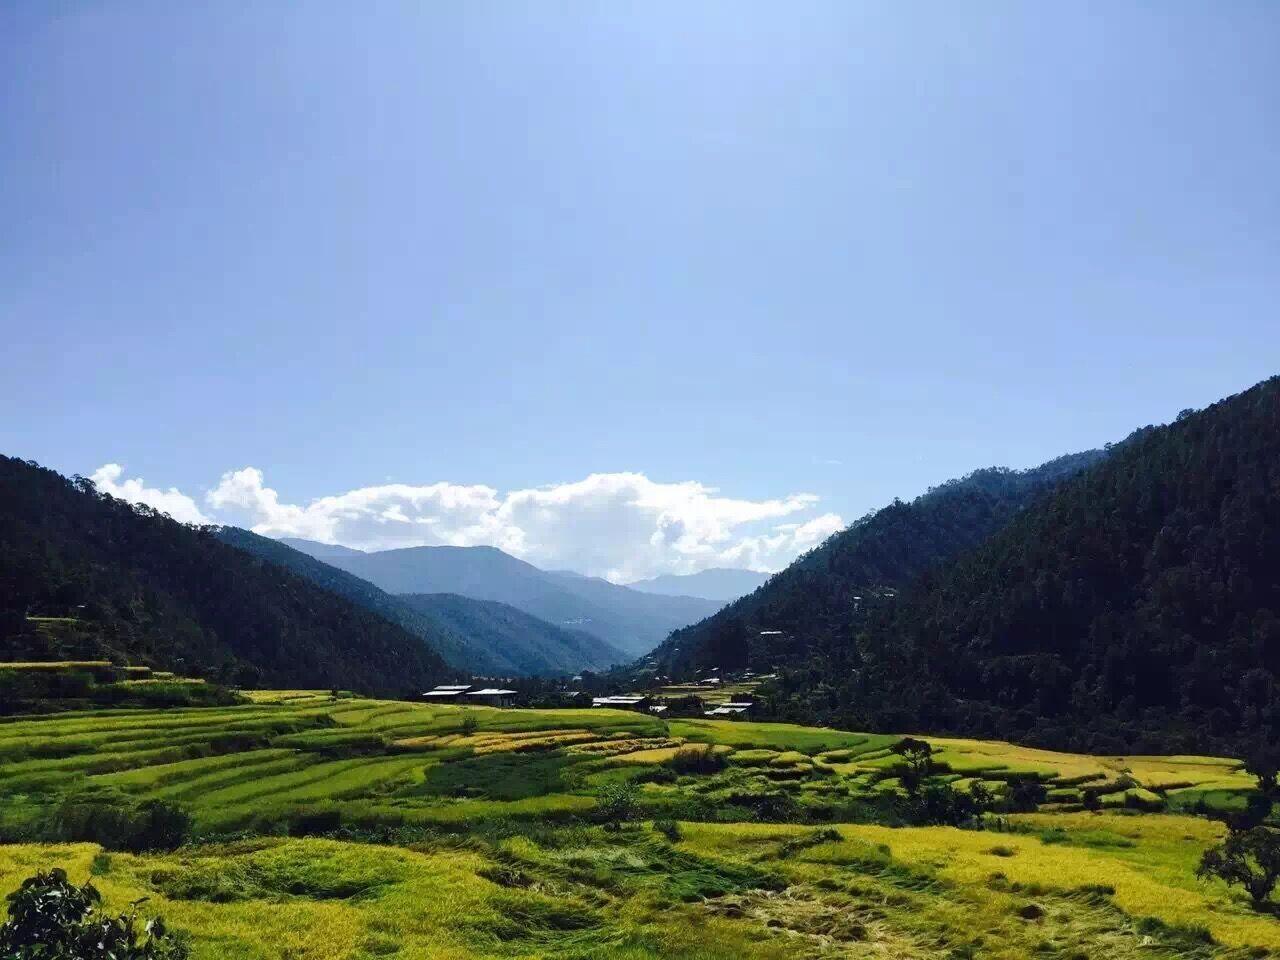 不丹国土与瑞士相仿,而森林面积占国土的 3/ 4,空气非常清新!